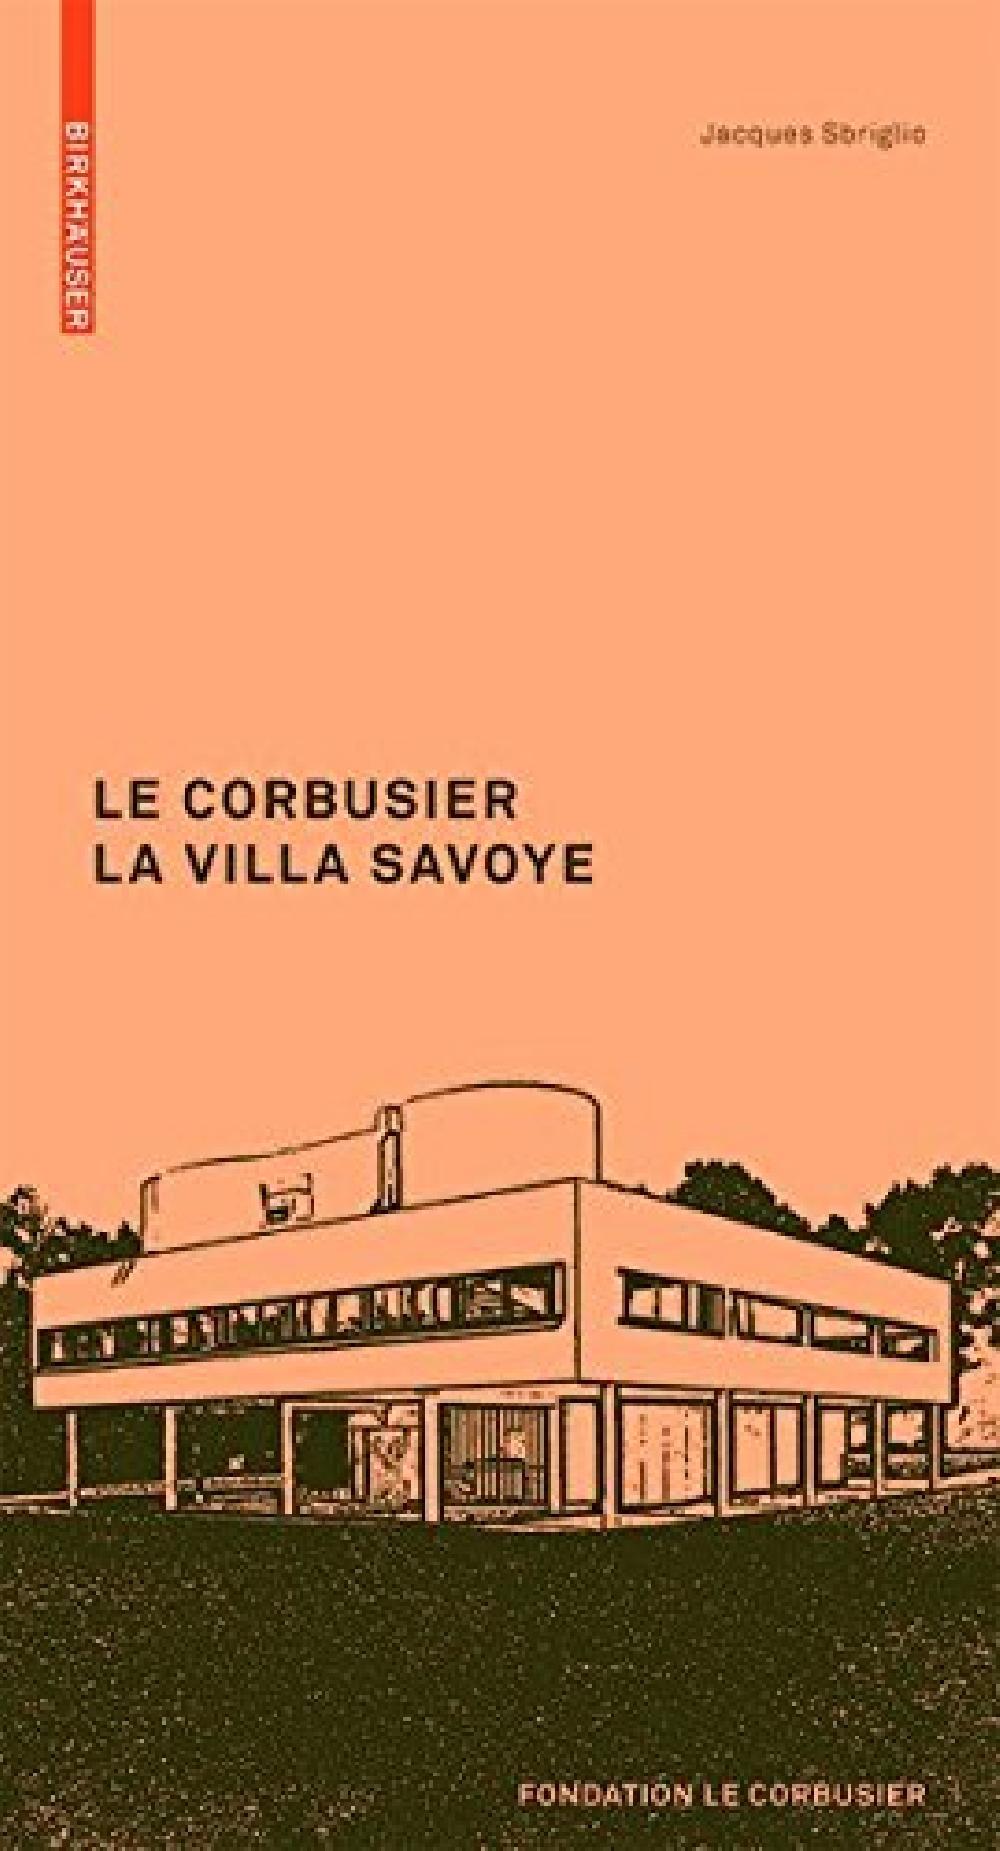 Le Corbusier - La villa Savoye